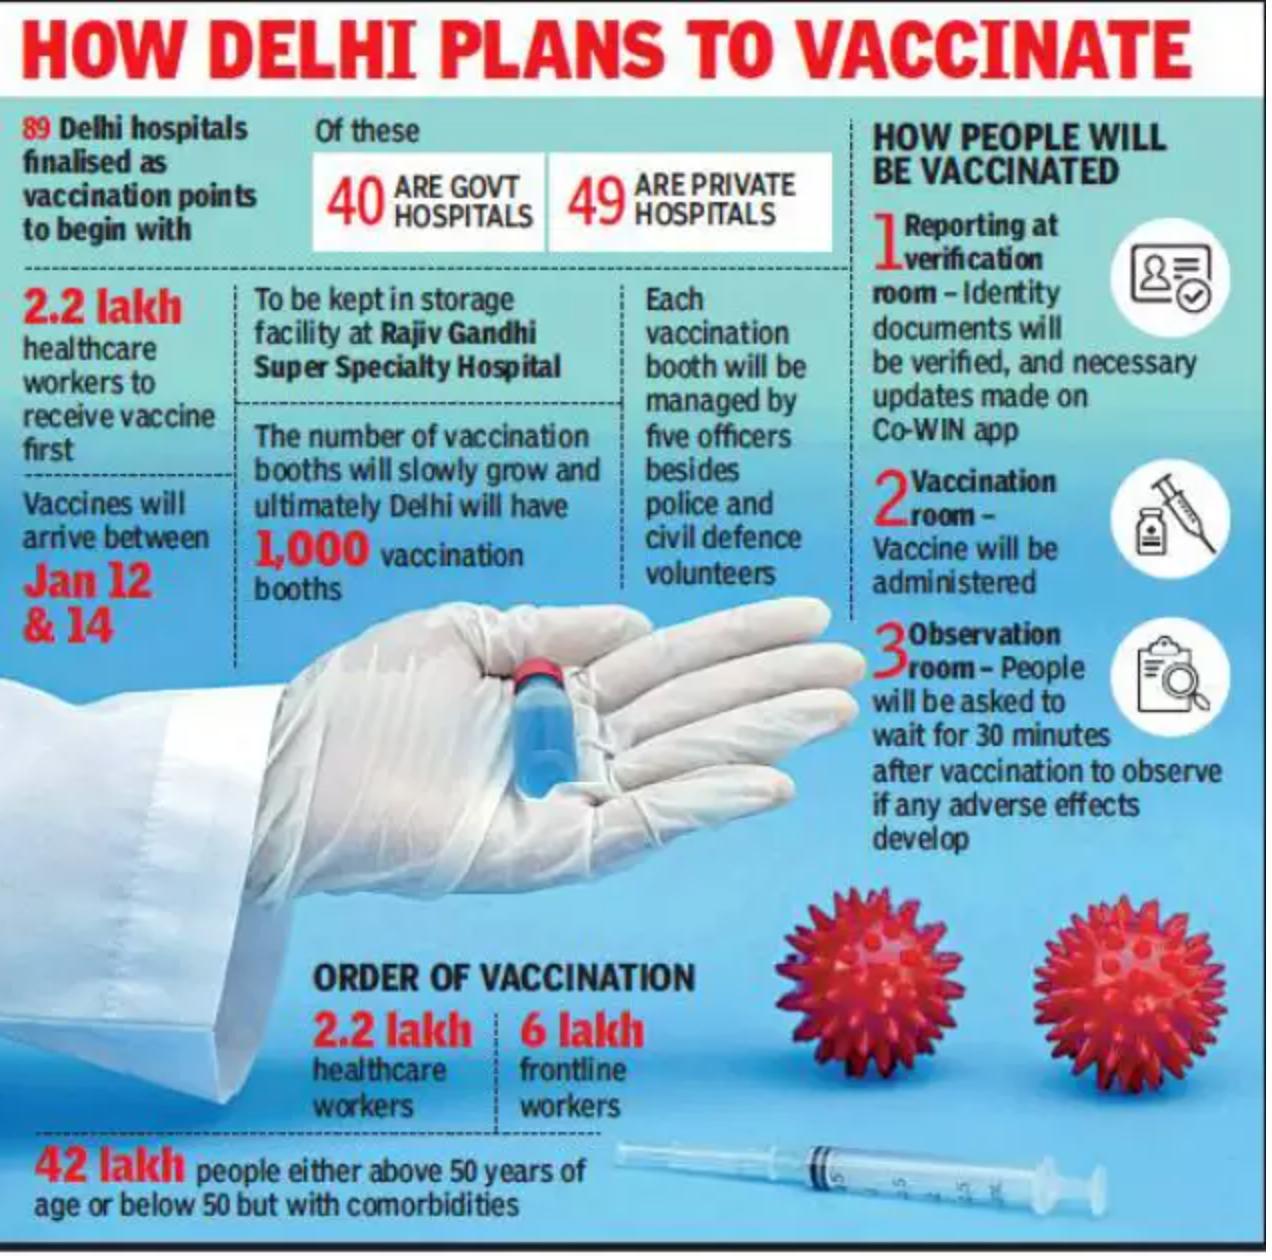 دهلی: واکسیناسیون شهر با 89 غرفه در بیمارستان های دولتی و خصوصی آغاز می شود